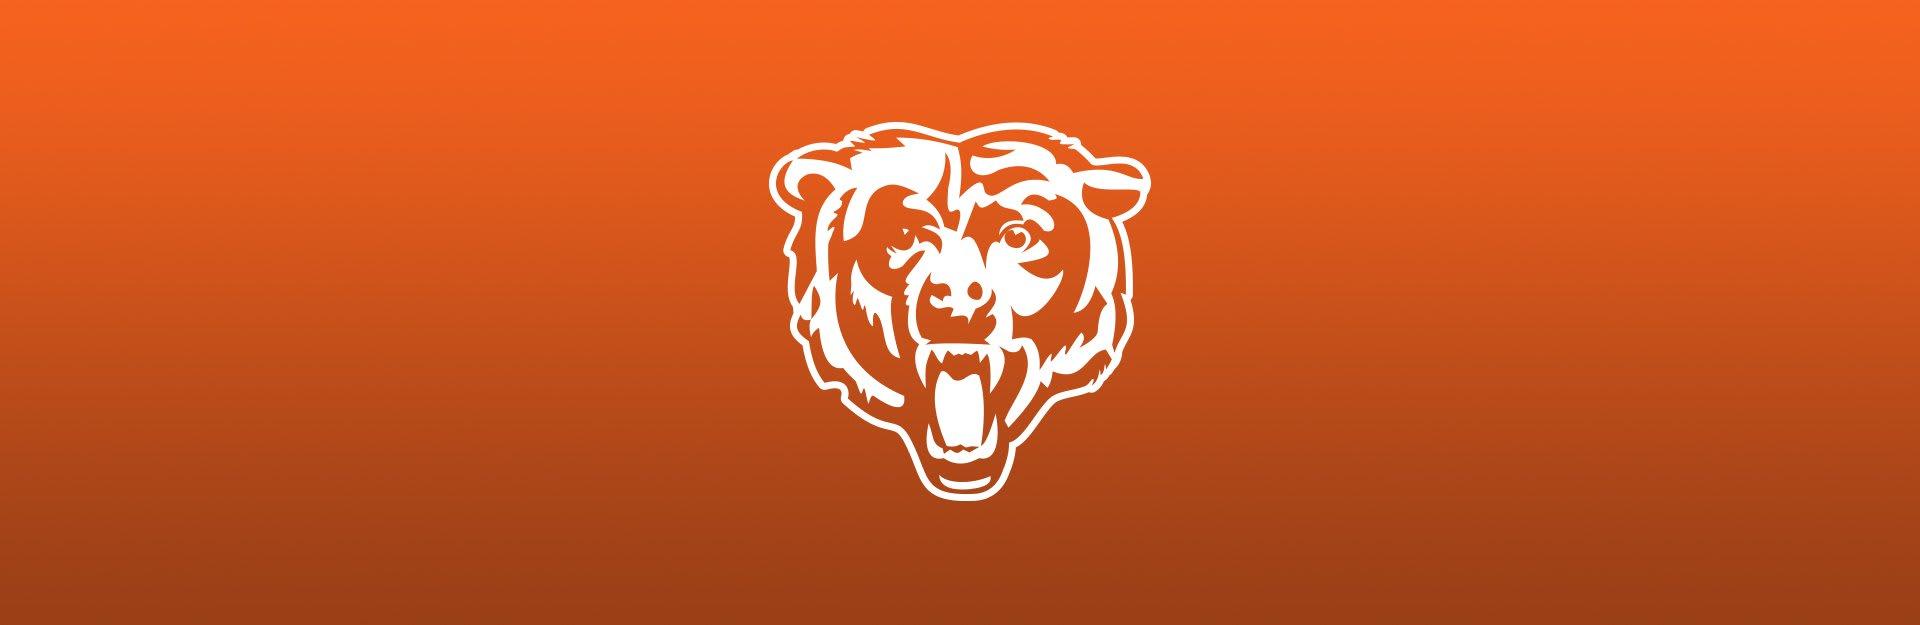 Chicago Bears logo on orange background